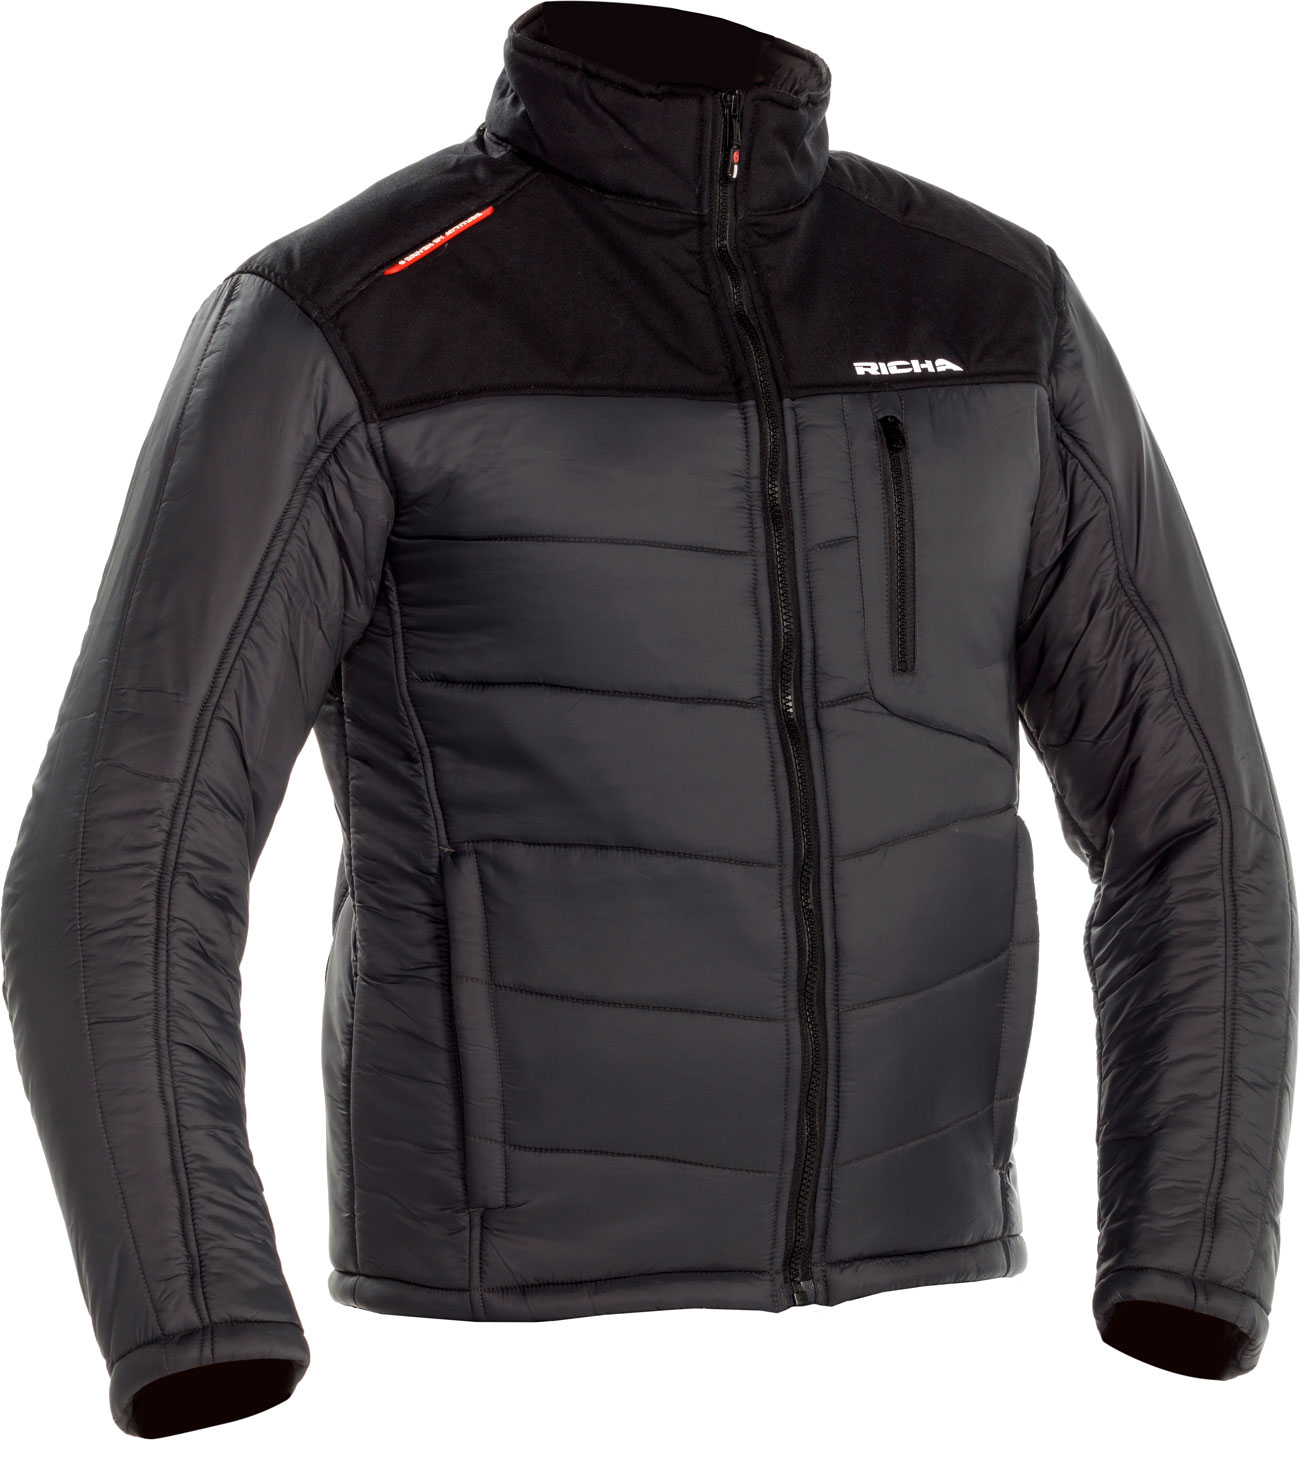 Richa Avalanche, Textiljacke - Schwarz - 2XL 2AVA-100-2XL